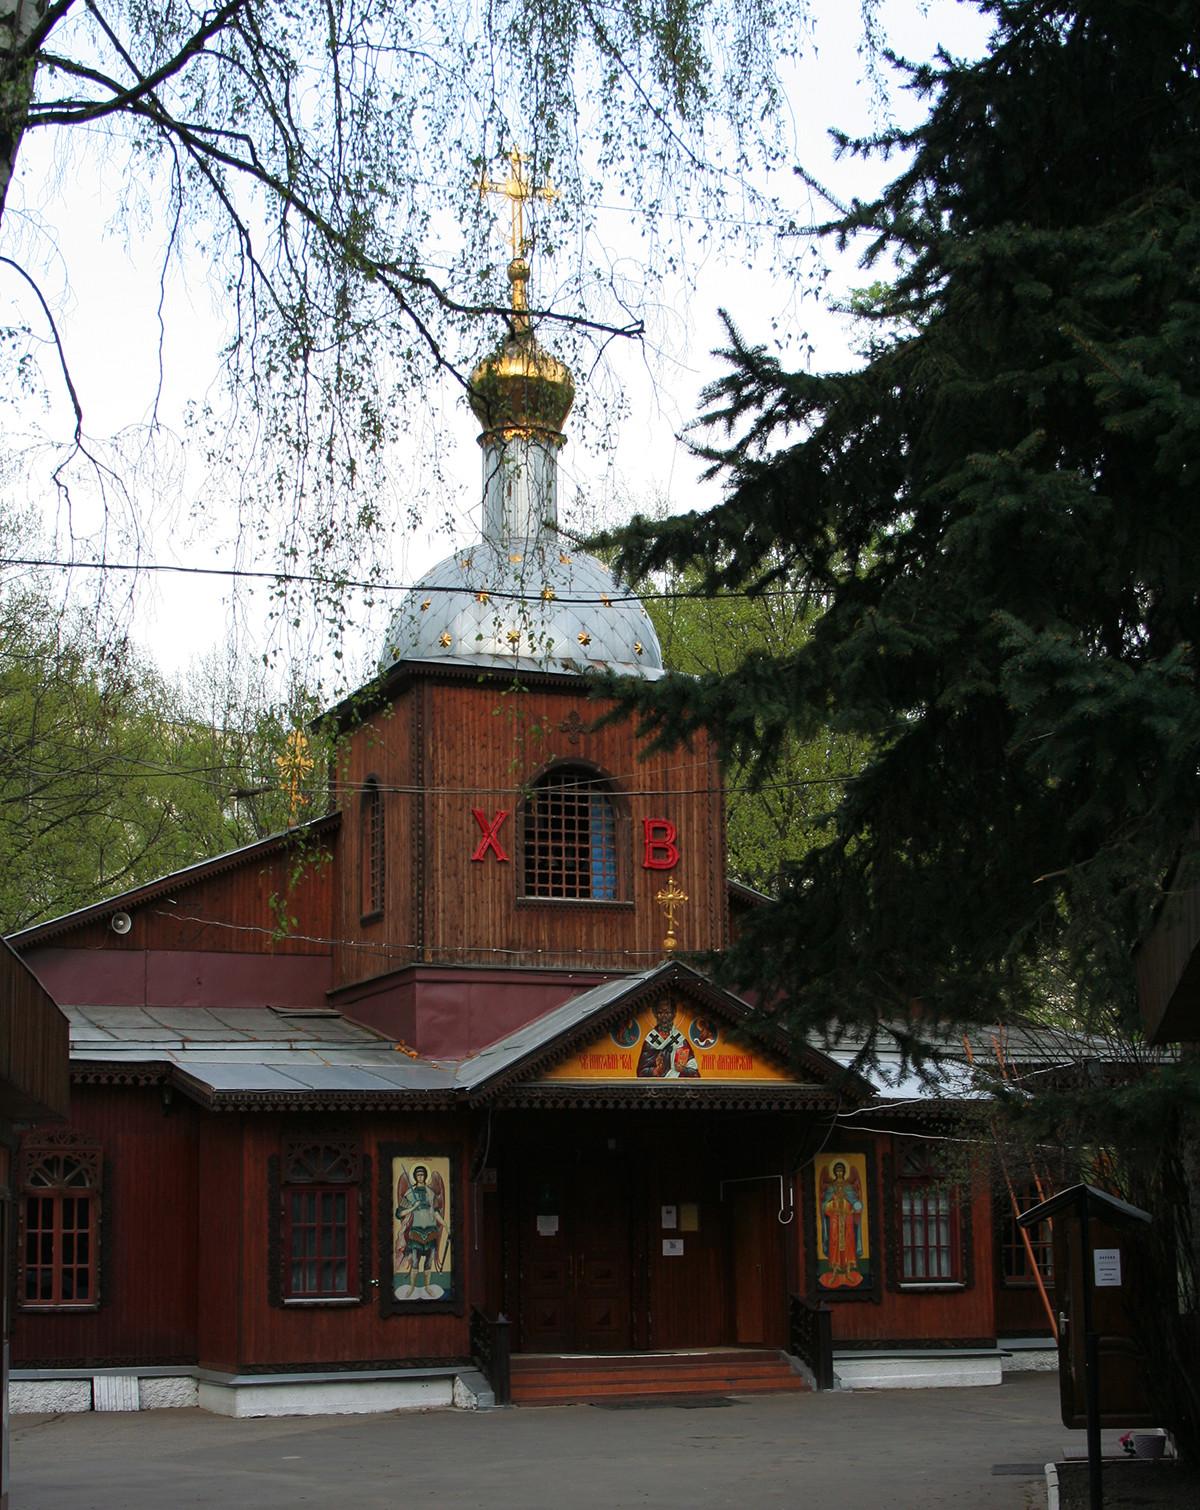 Chiesa di San Nicola di Bari a Birjuljov, Mosca, costruita nel 1956